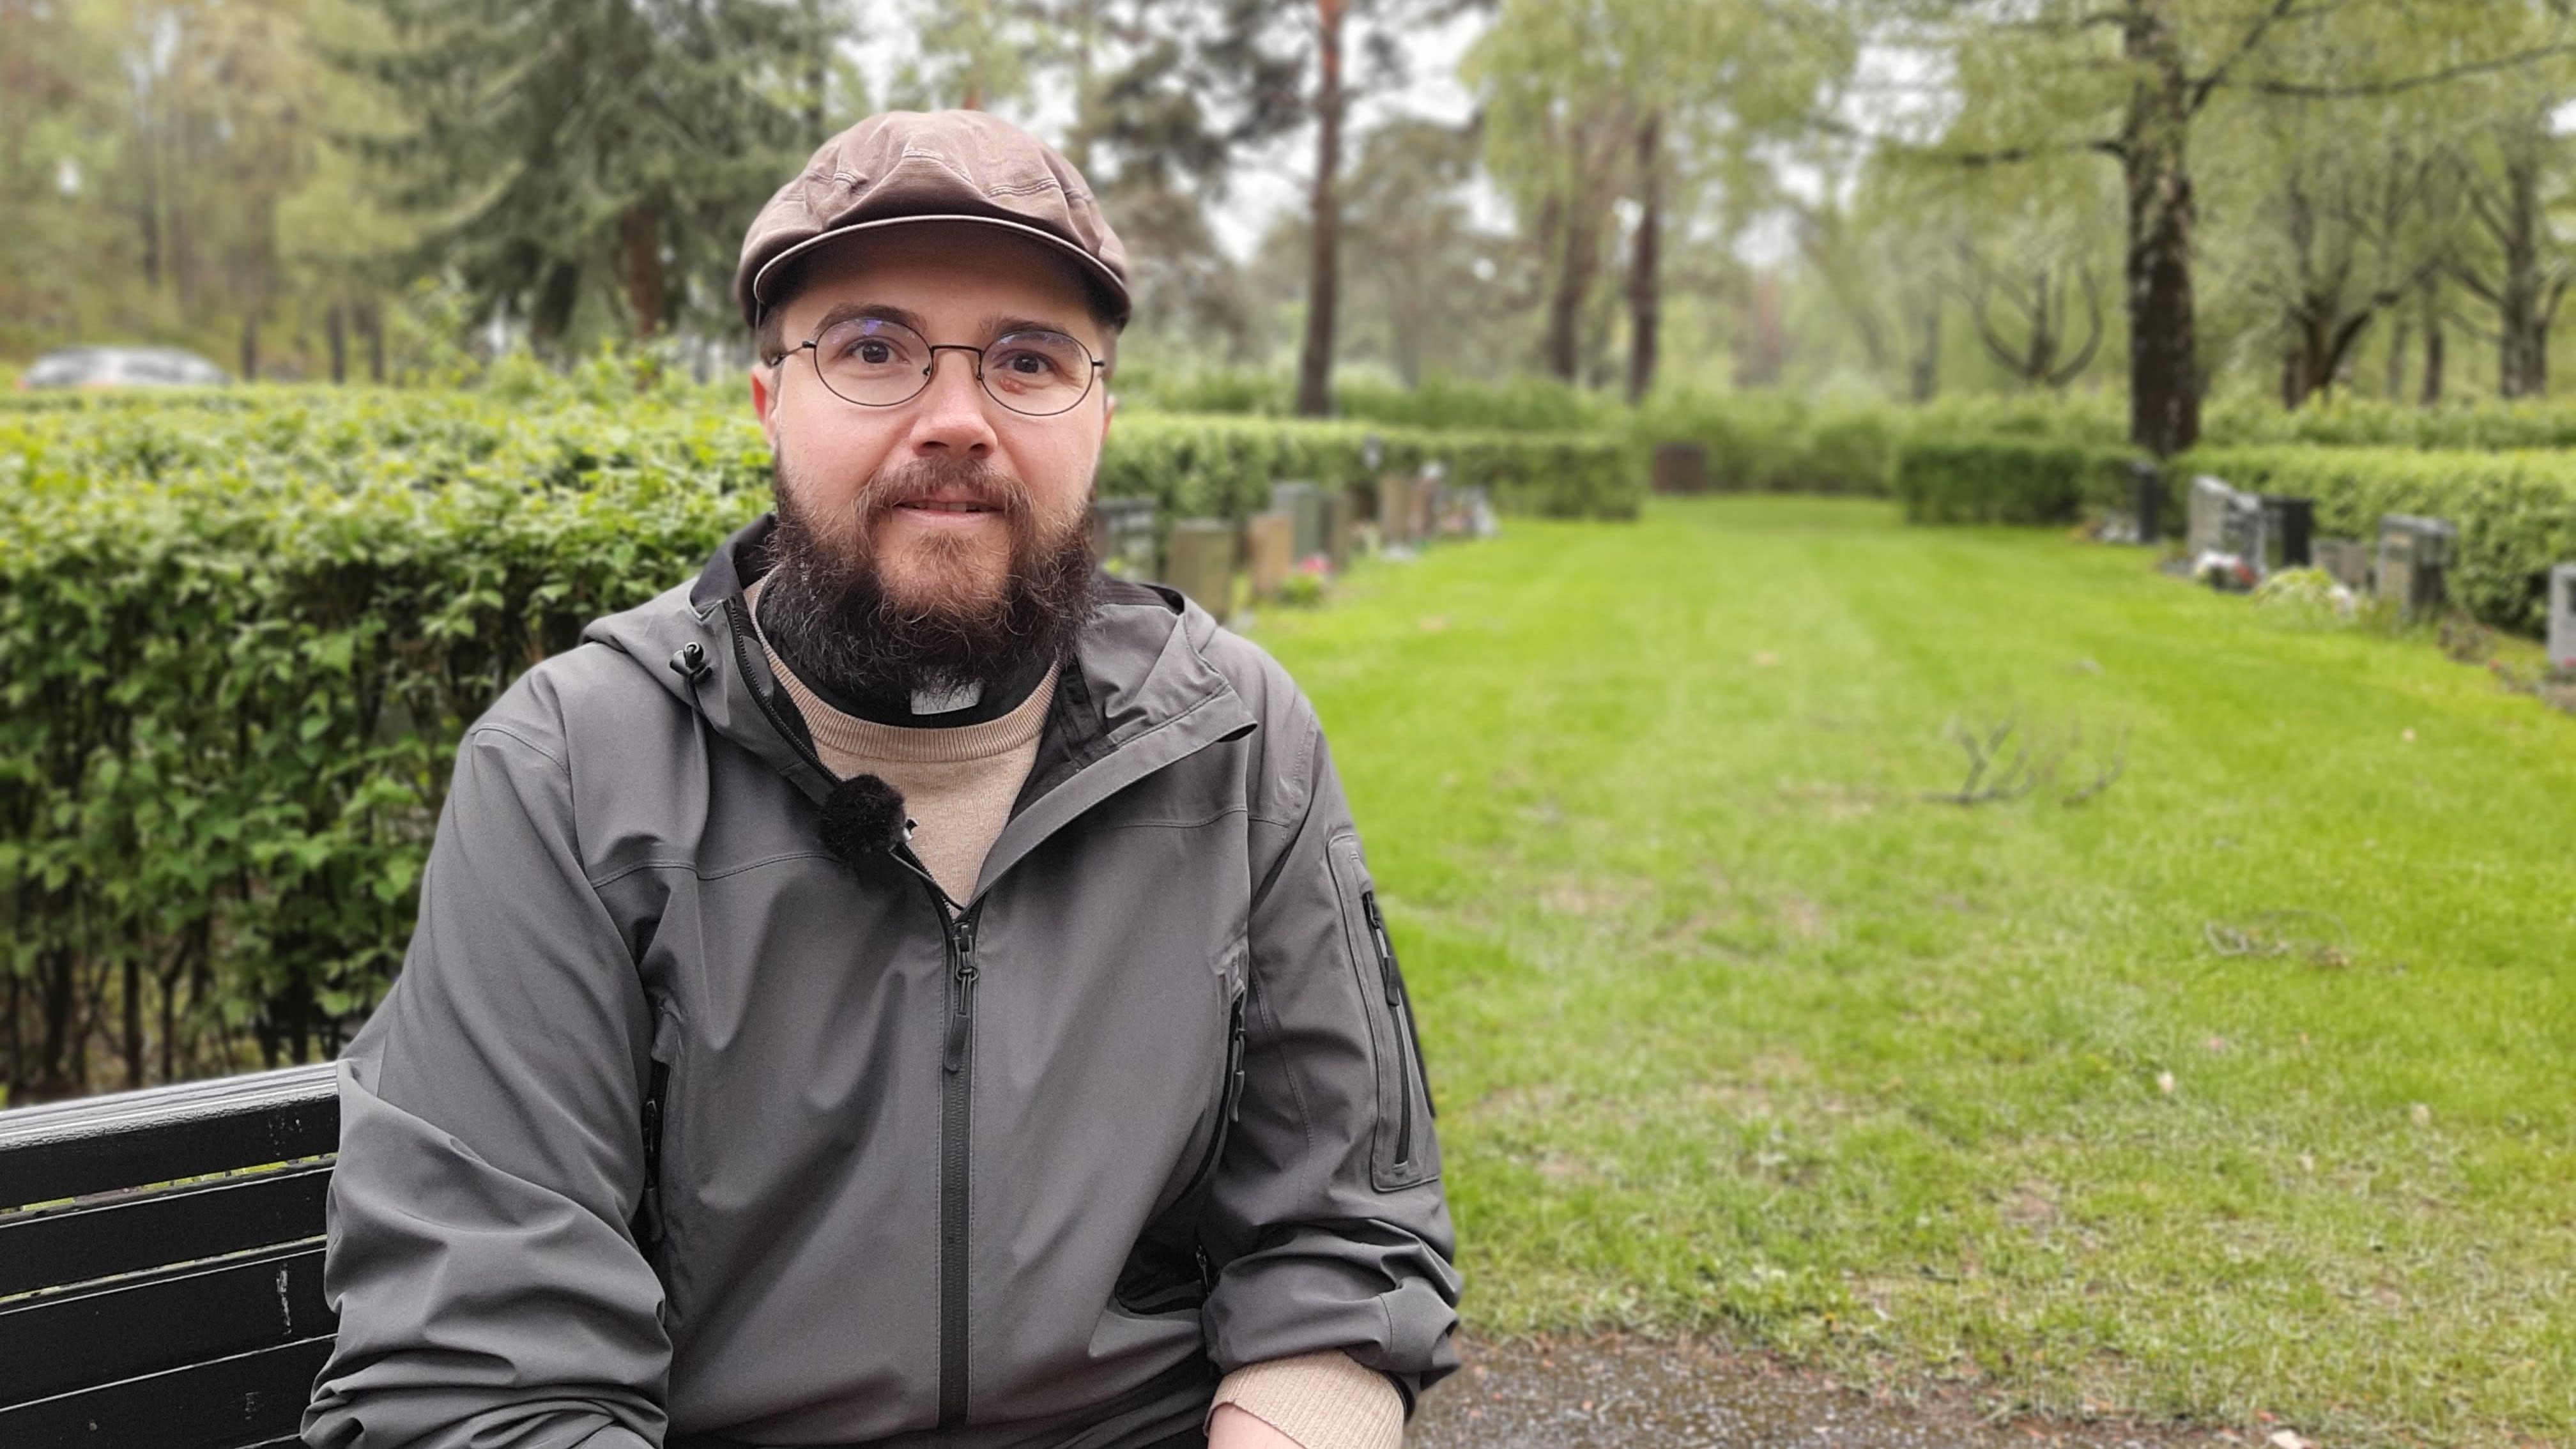 Begravningsplatsprästen Peter Eriksson, en man med skärmmössa, skägg och vit prästkrage, sitter på en bänk bland gravar.